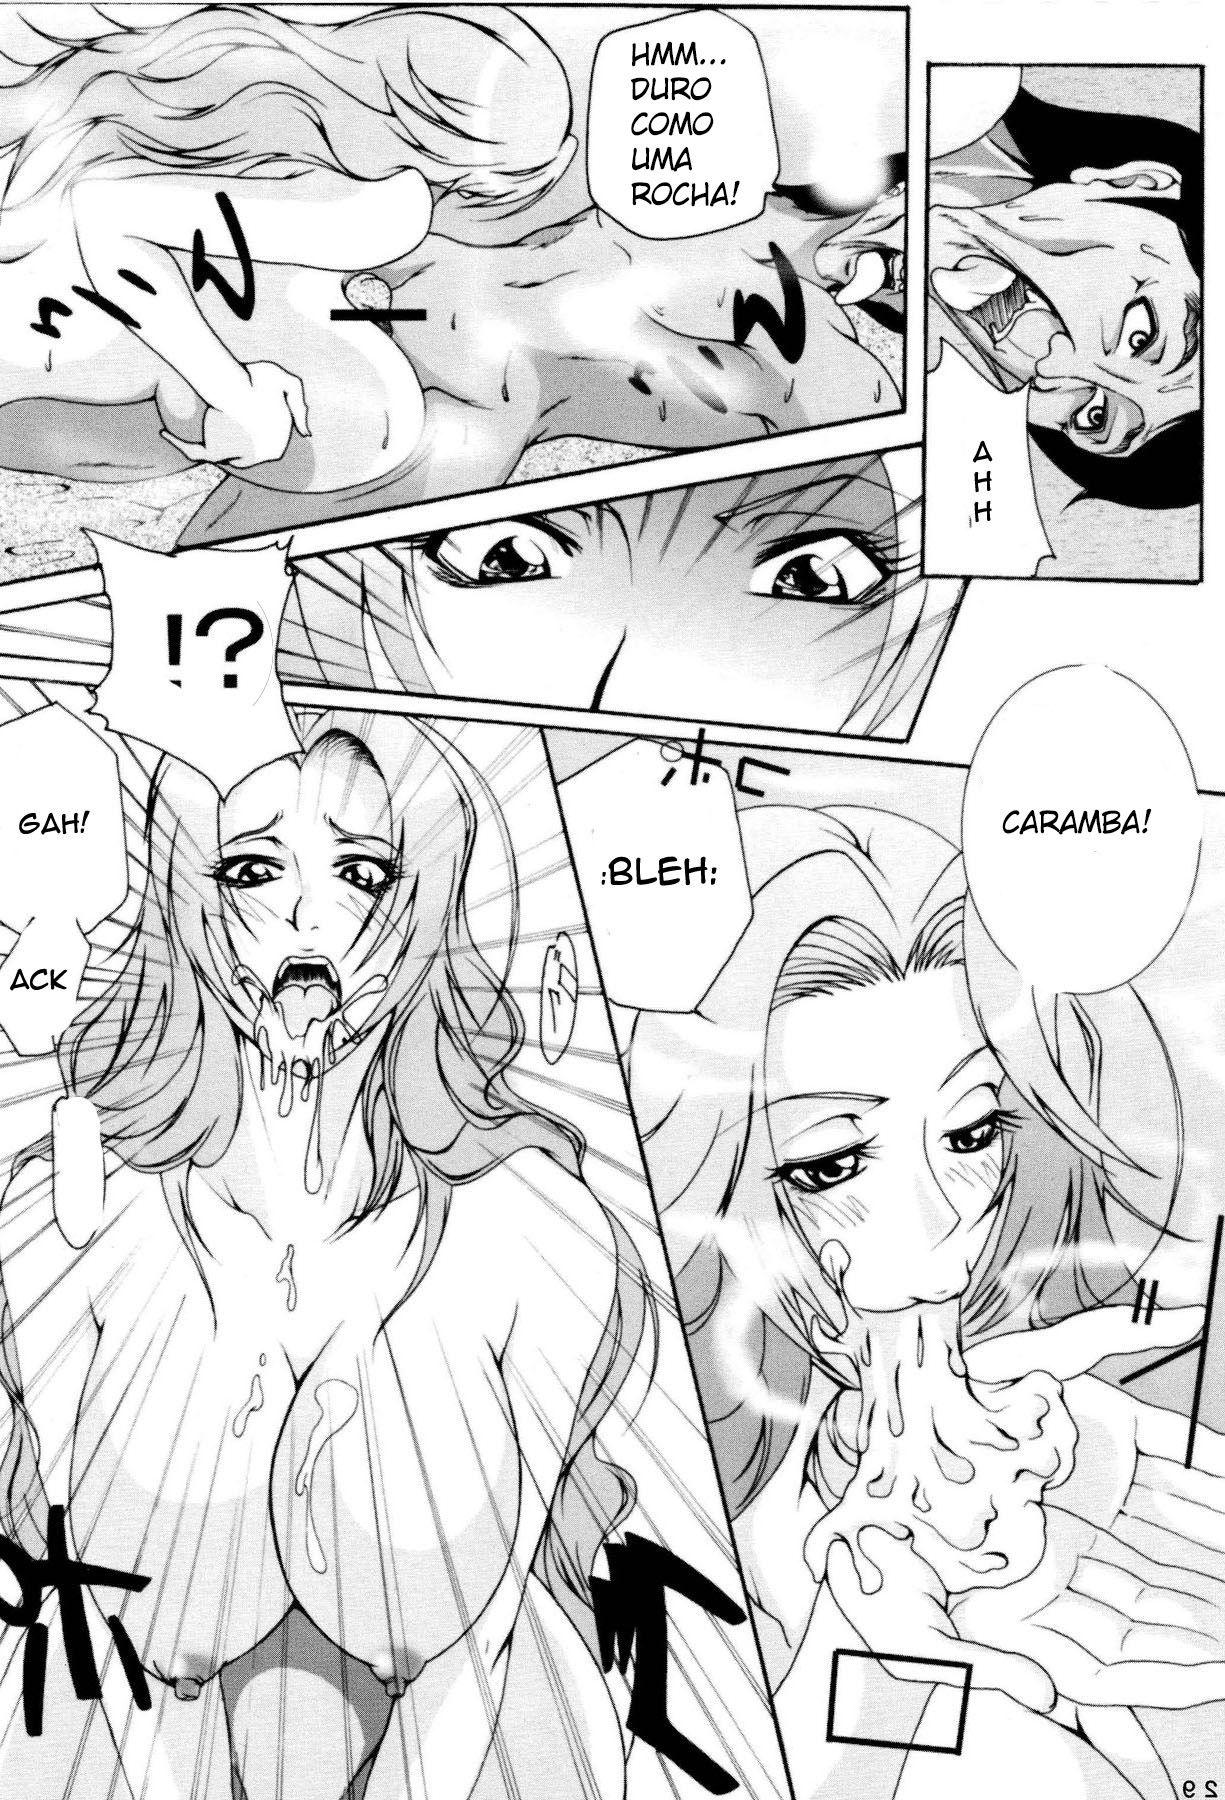 Jinta-garoto-virgem-pervertido-26